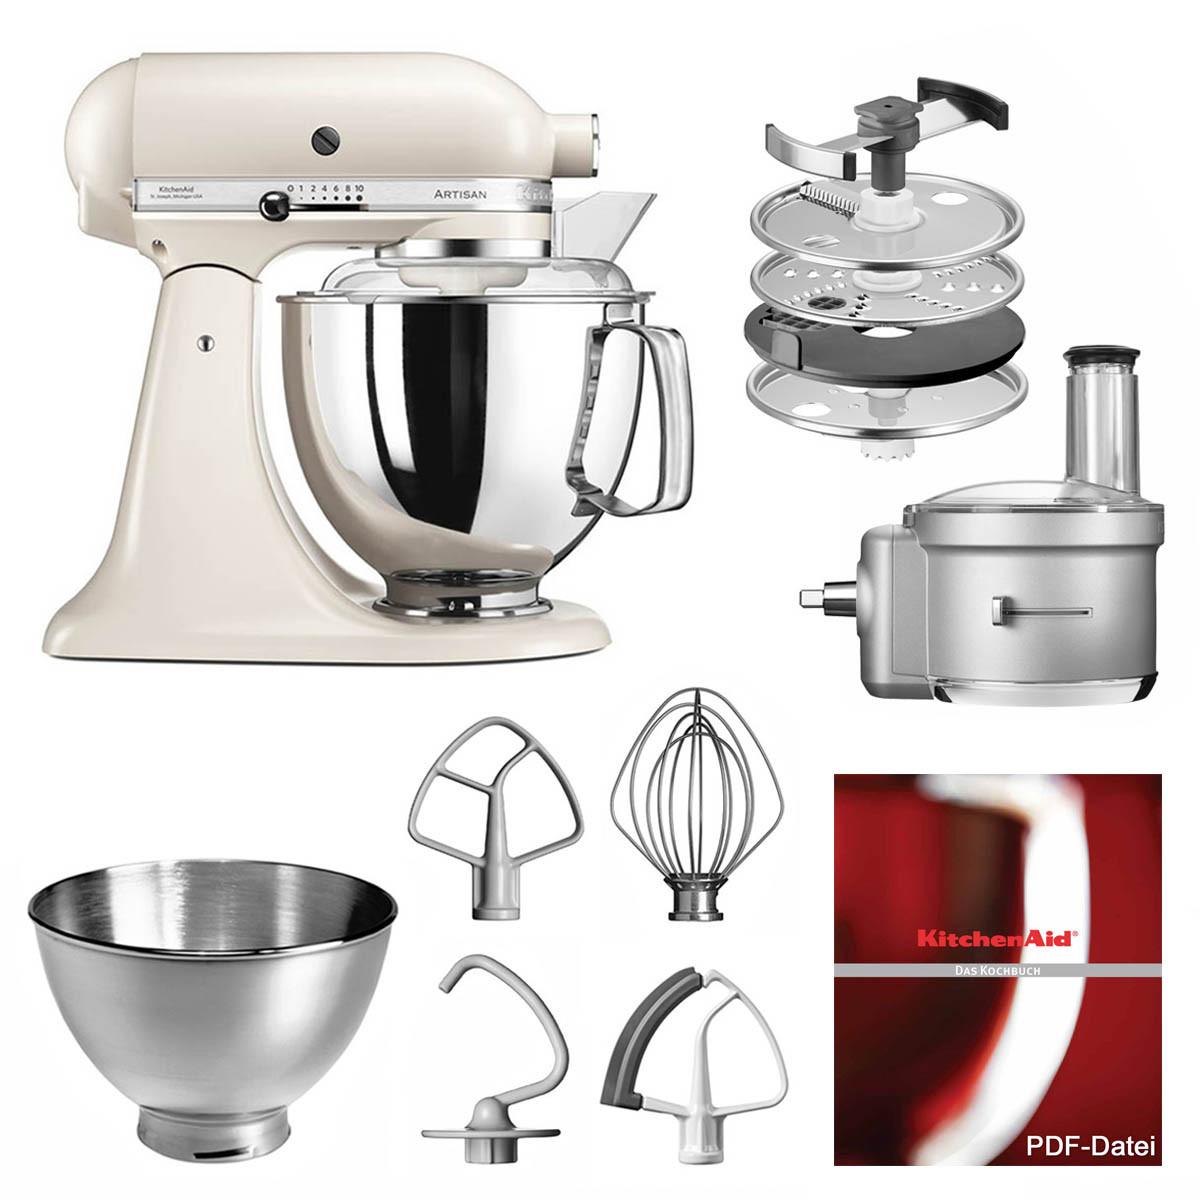 KitchenAid Küchenmaschine 175PS Foodprocessor Set baiser